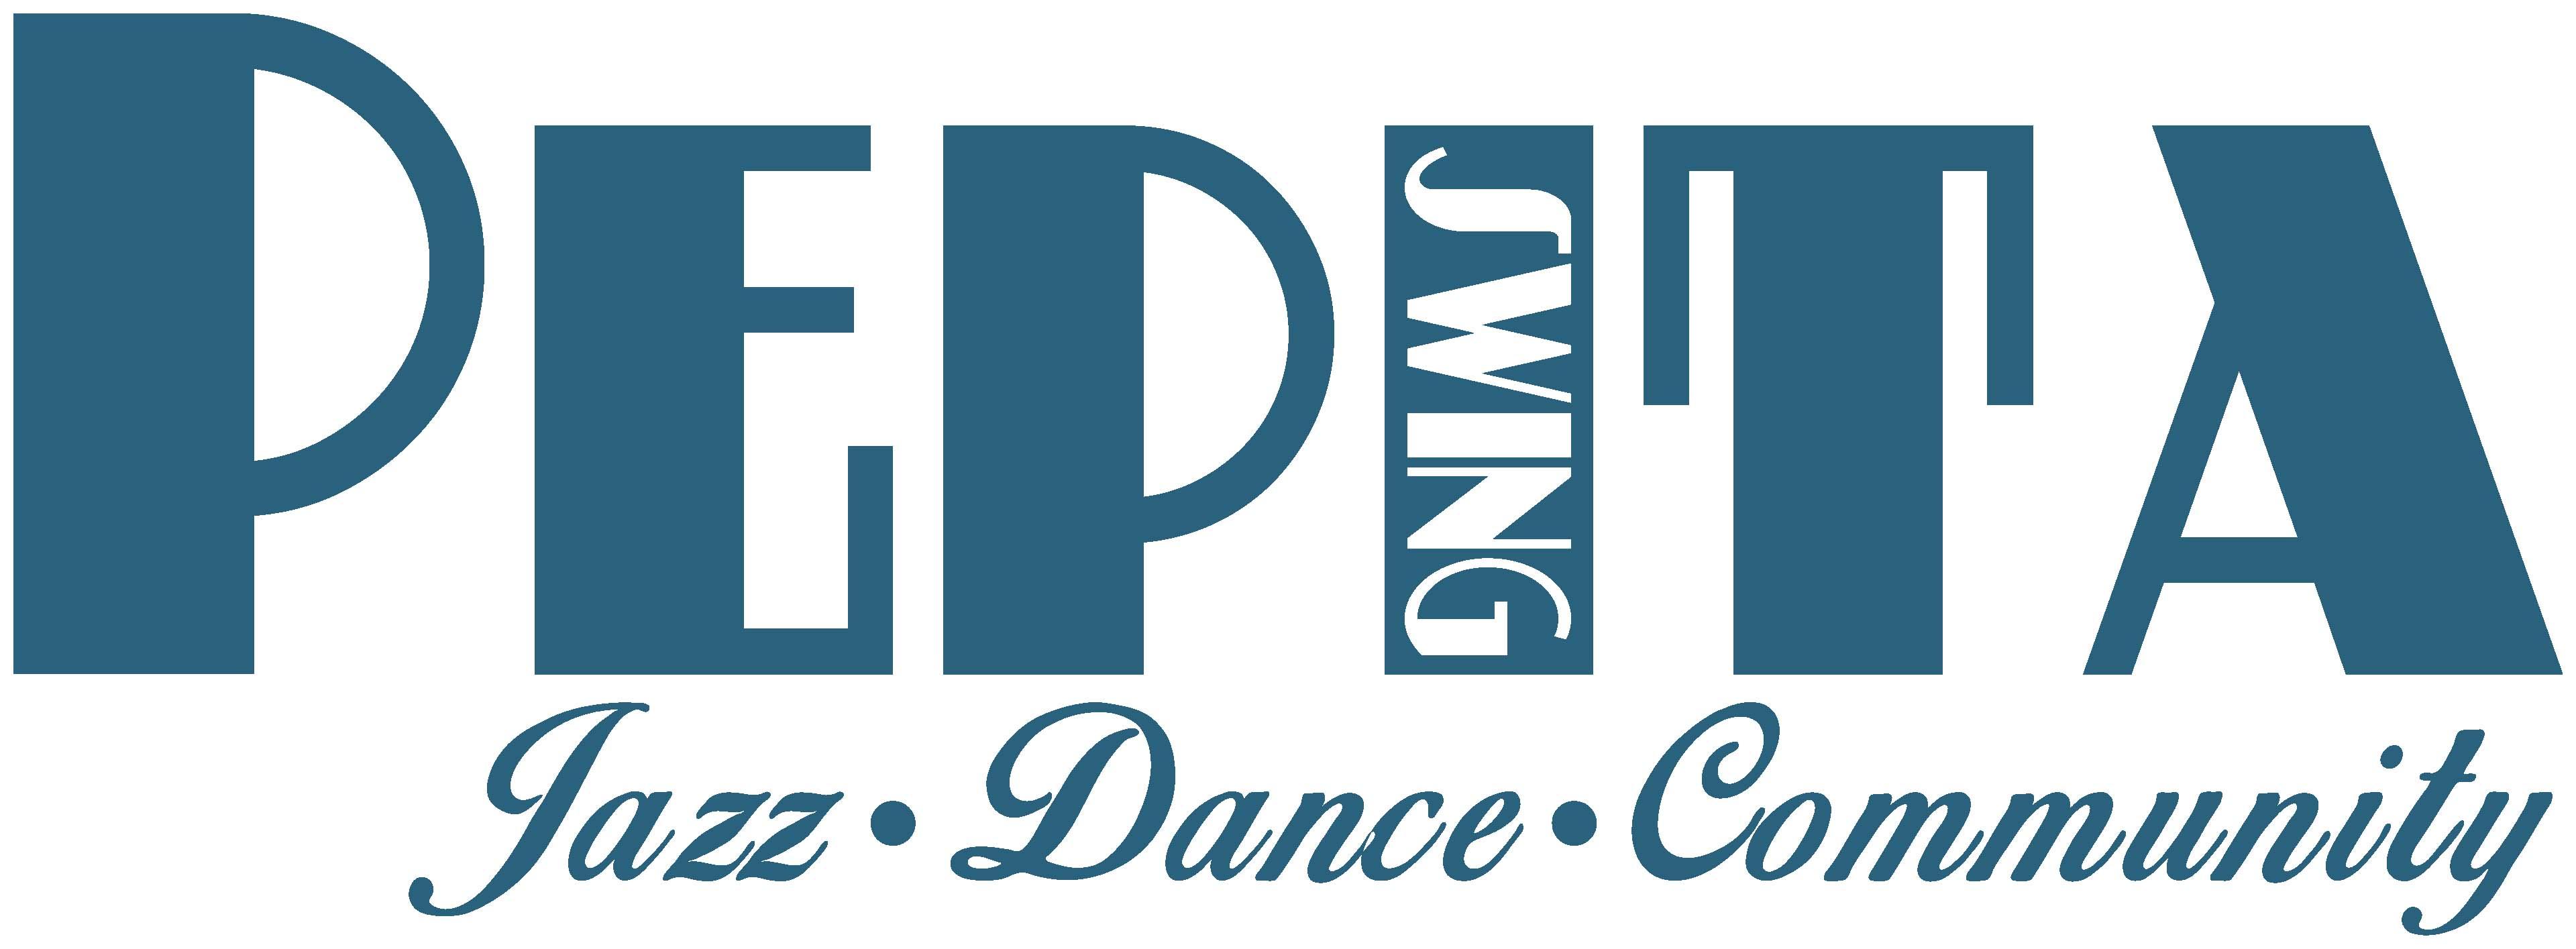 pepitawebsite